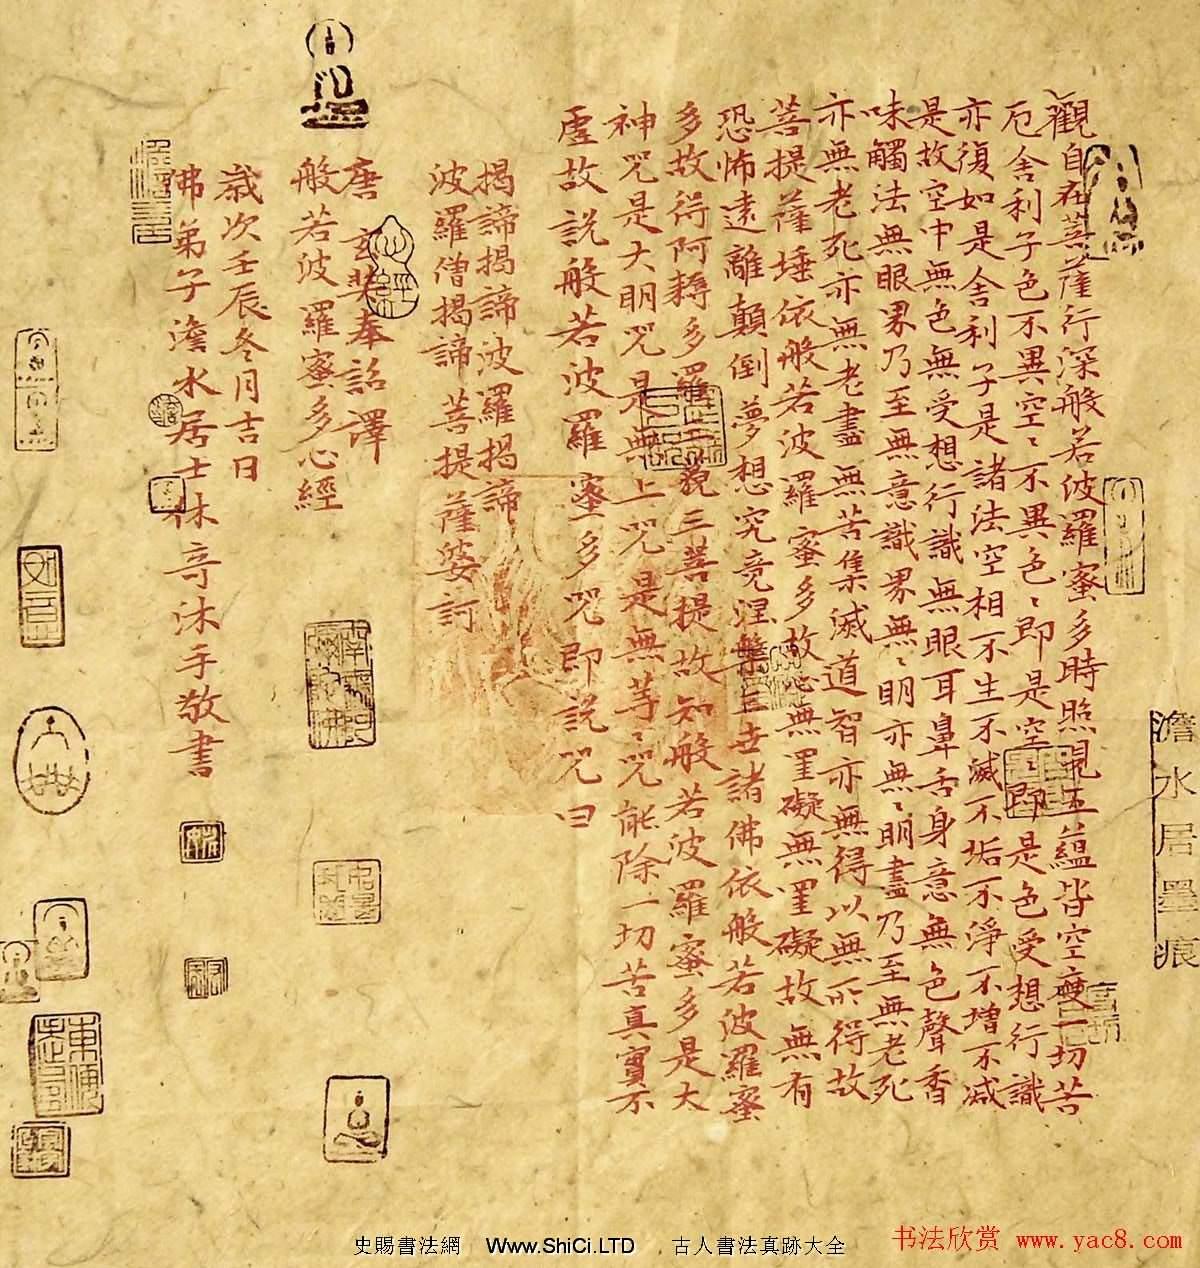 姚宏宇寫心經書法作品真跡17幅(共13張圖片)